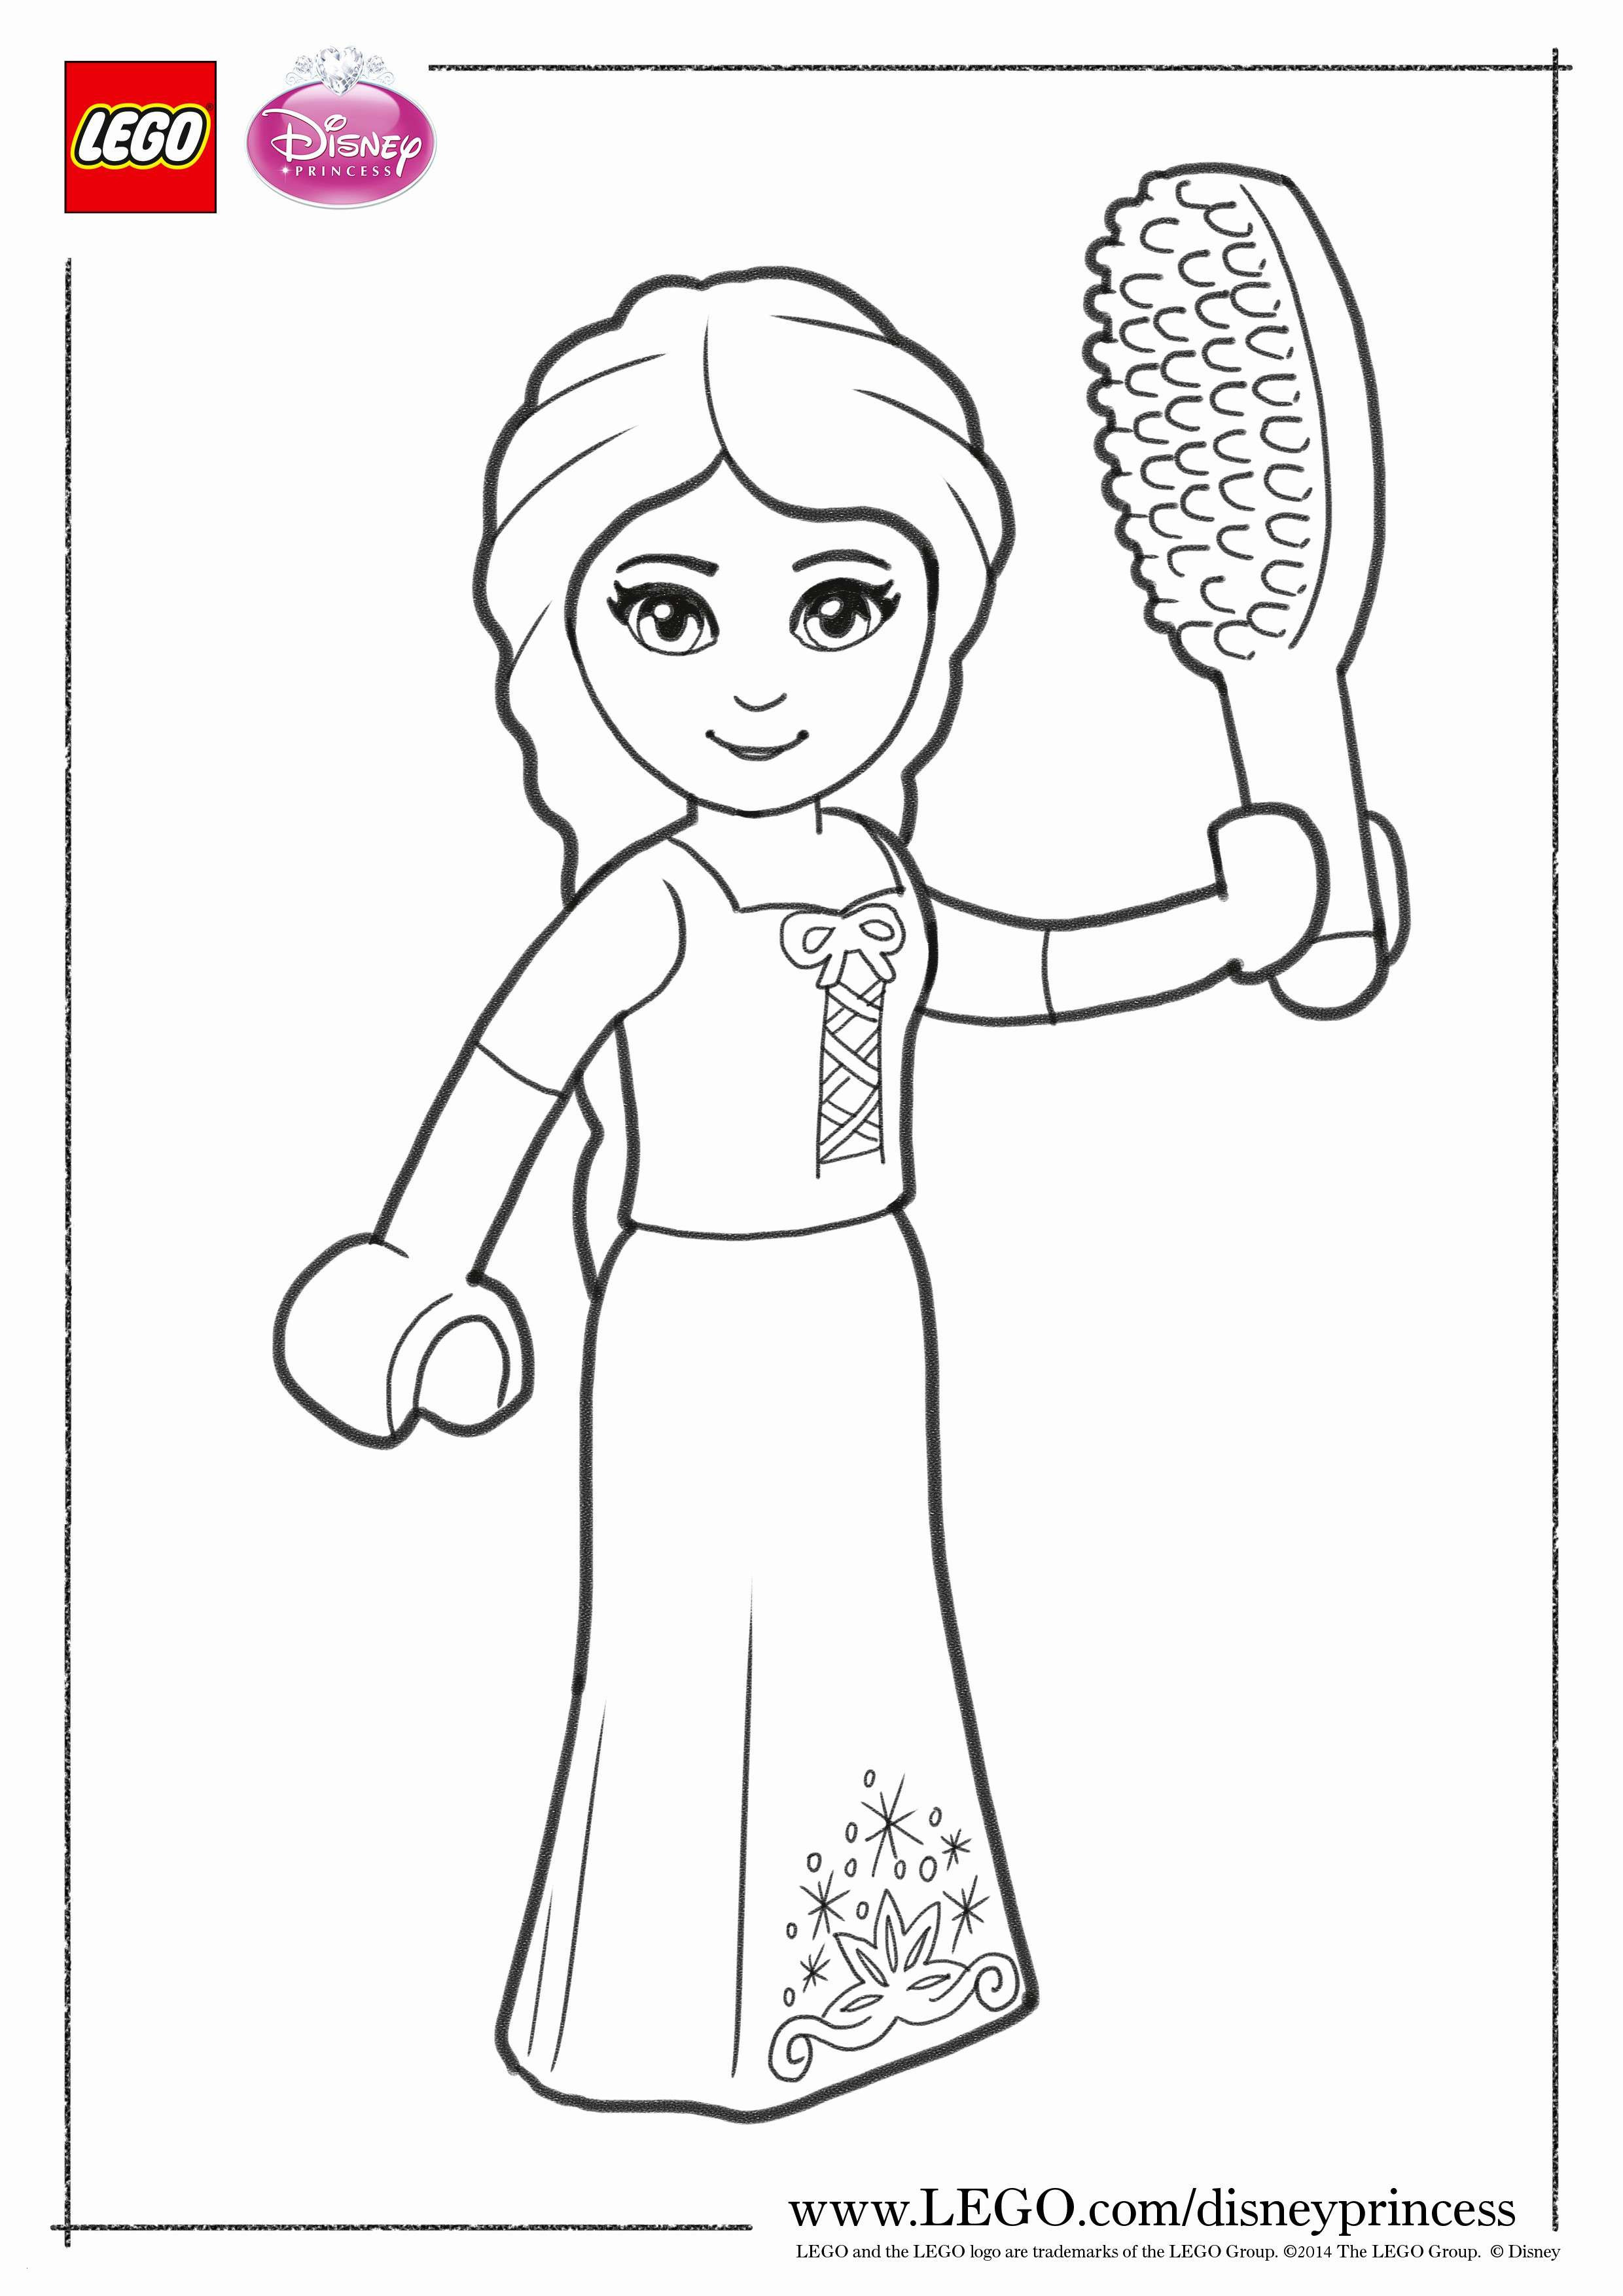 Anna Und Elsa Ausmalen Genial Ausmalbilder Kostenlos Elsa Best Frozen Princess Printable Frisch Galerie